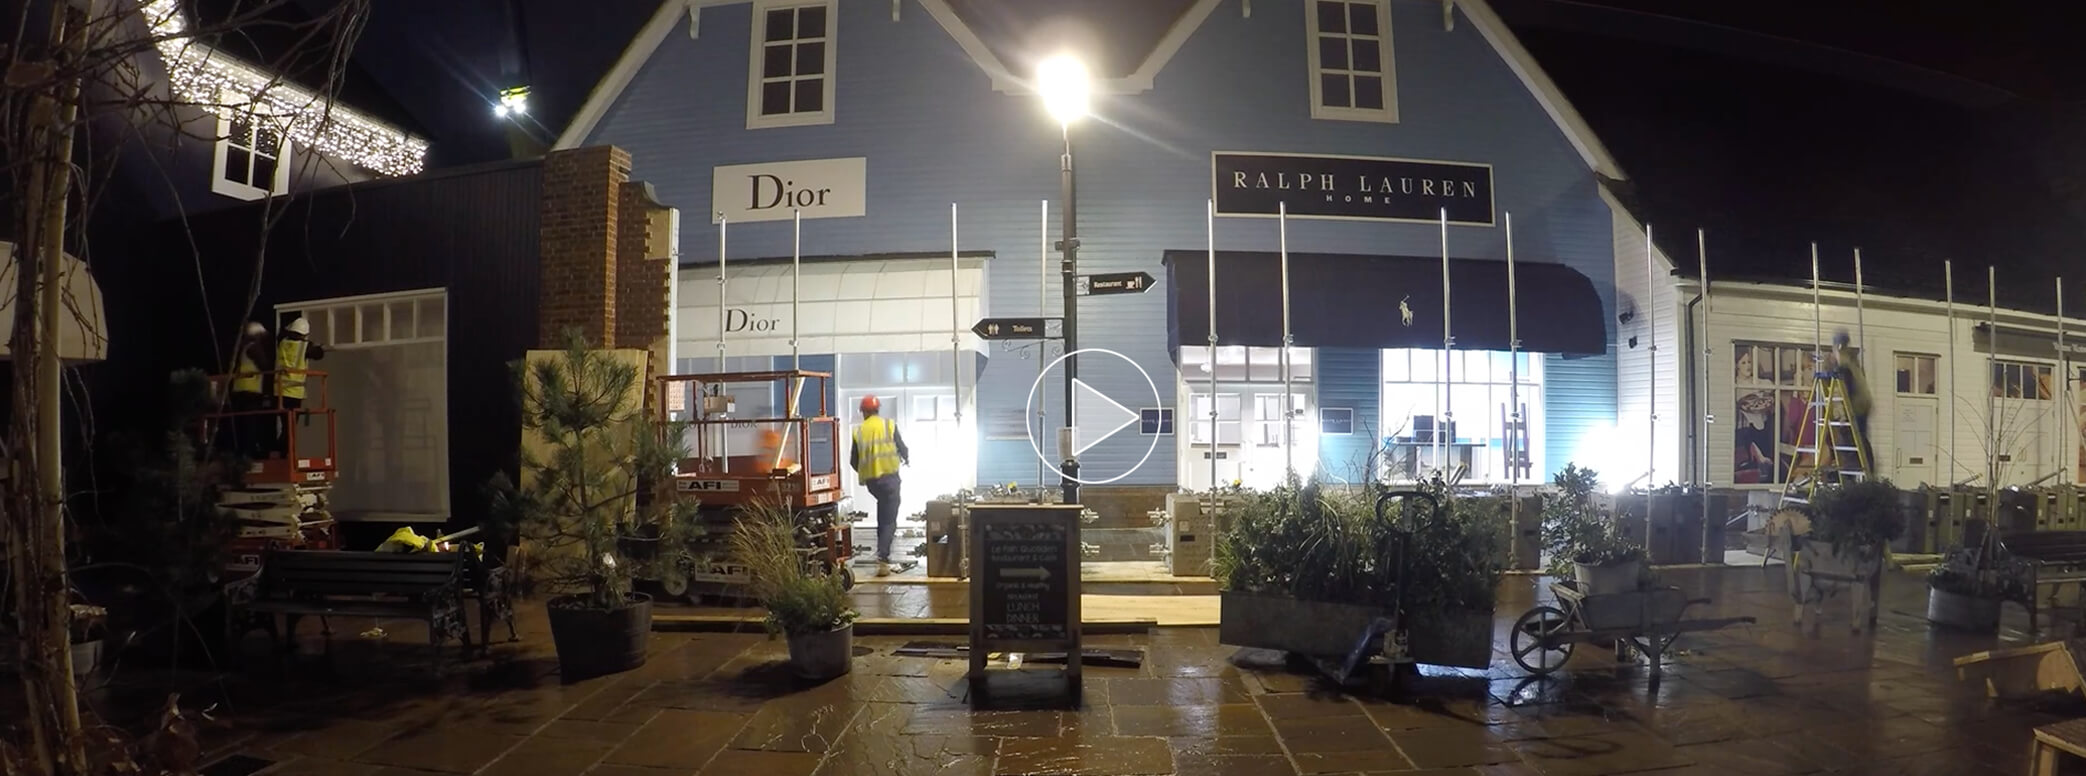 Bischester video still.jpg